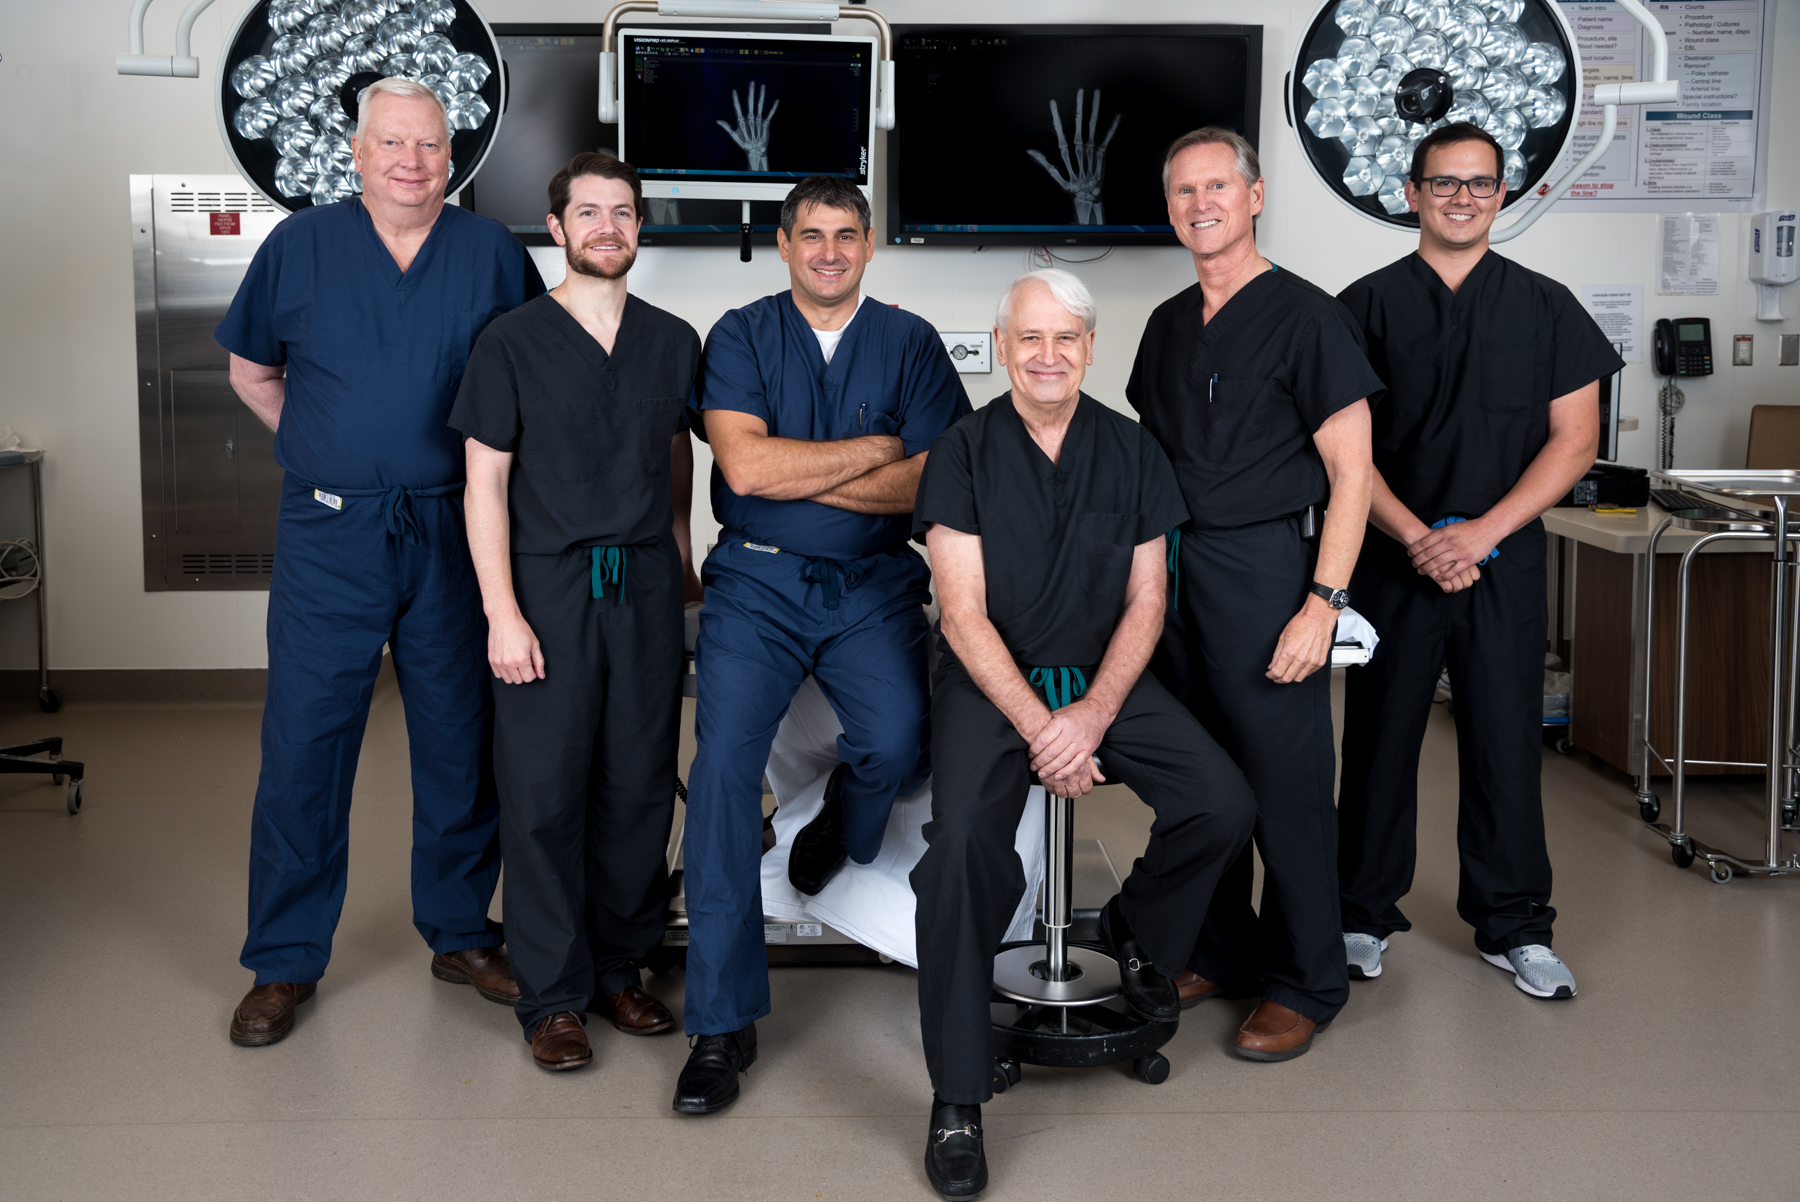 Left to Right: Dr. David Taylor, Dr. Graham Milam, Dr. Nikola Zivaljevic, Dr. David Zehr, Dr. Paul Ellis, Dr. Bryan Reyes